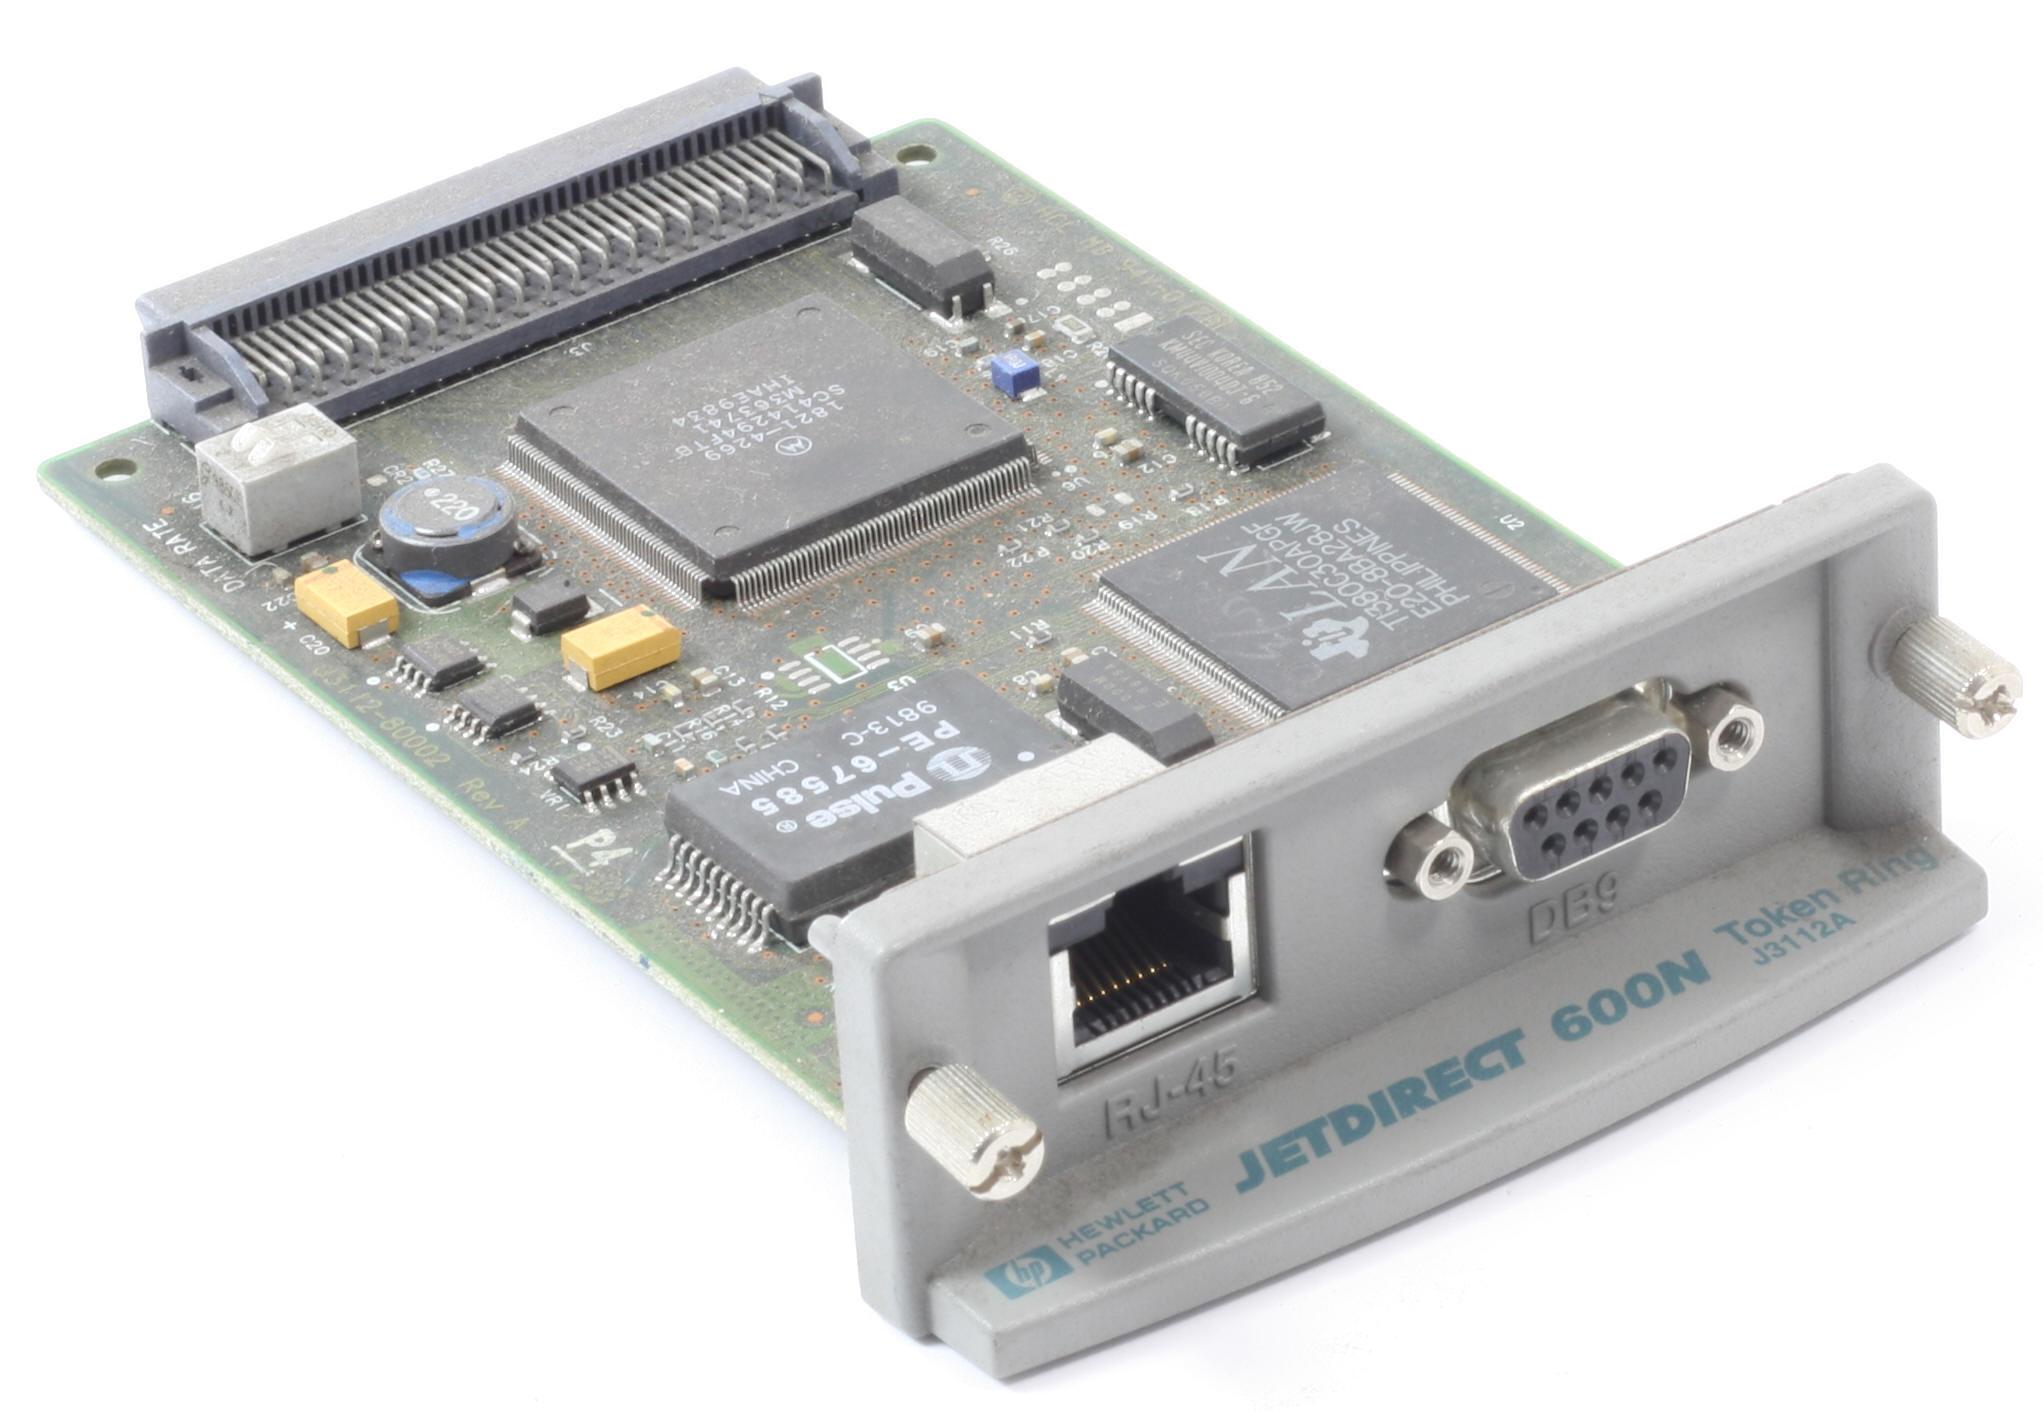 HP Jetdirect 600N J3112A Drucker EIO Token Ring Netzwerkkarte gebraucht